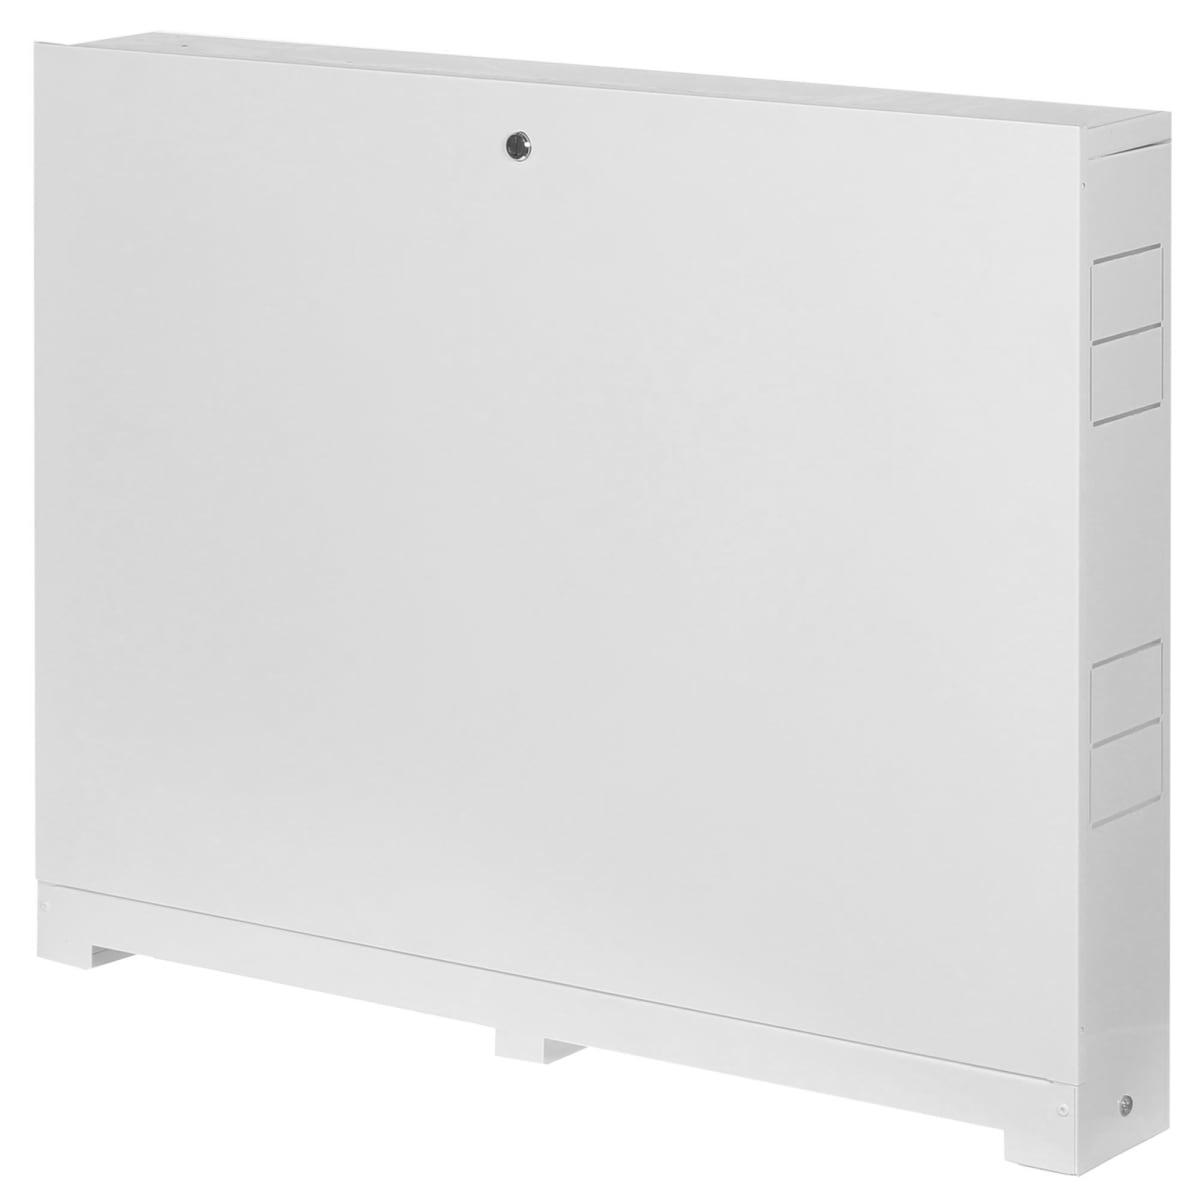 Шкаф коллекторный ШРН-4 наружный 848х118х652-715